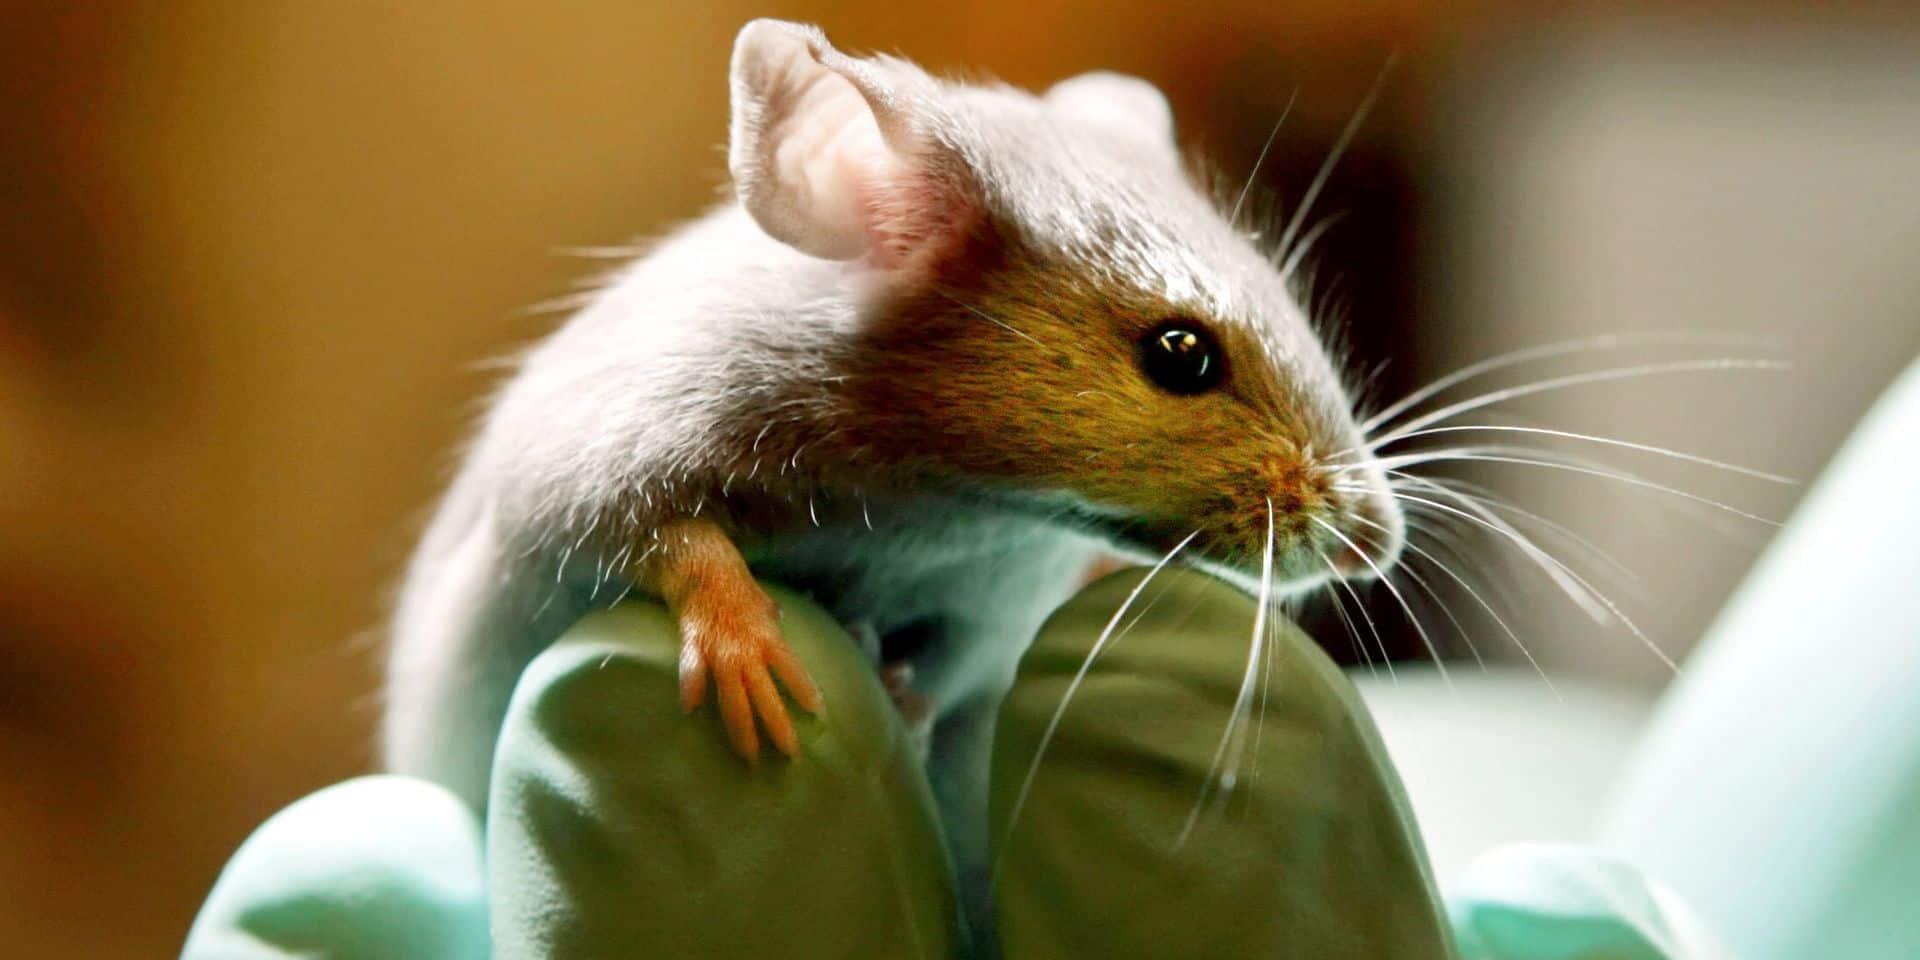 La Belgique est le cinquième pays européen qui réalise le plus d'expériences sur des animaux de laboratoire